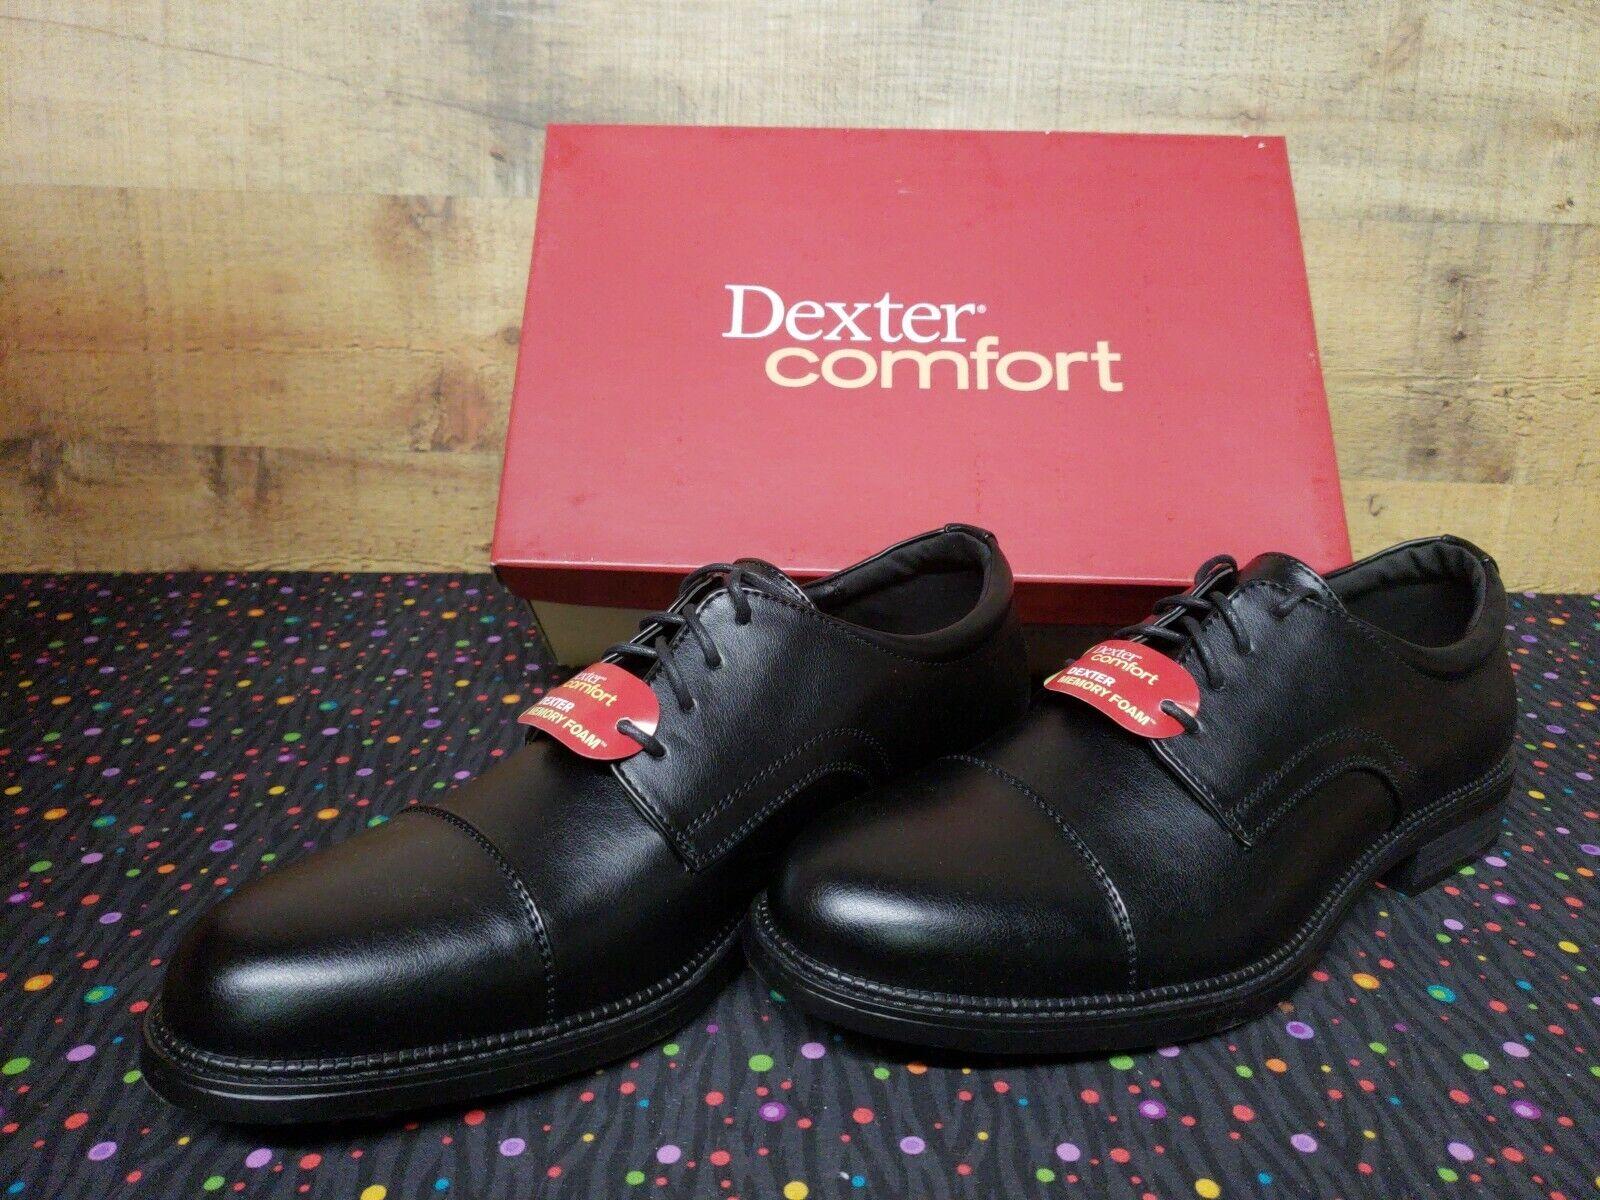 Dexter Comfort 159159 Archer Captoe Oxford Dress Mens shoes Size 12 New w Box